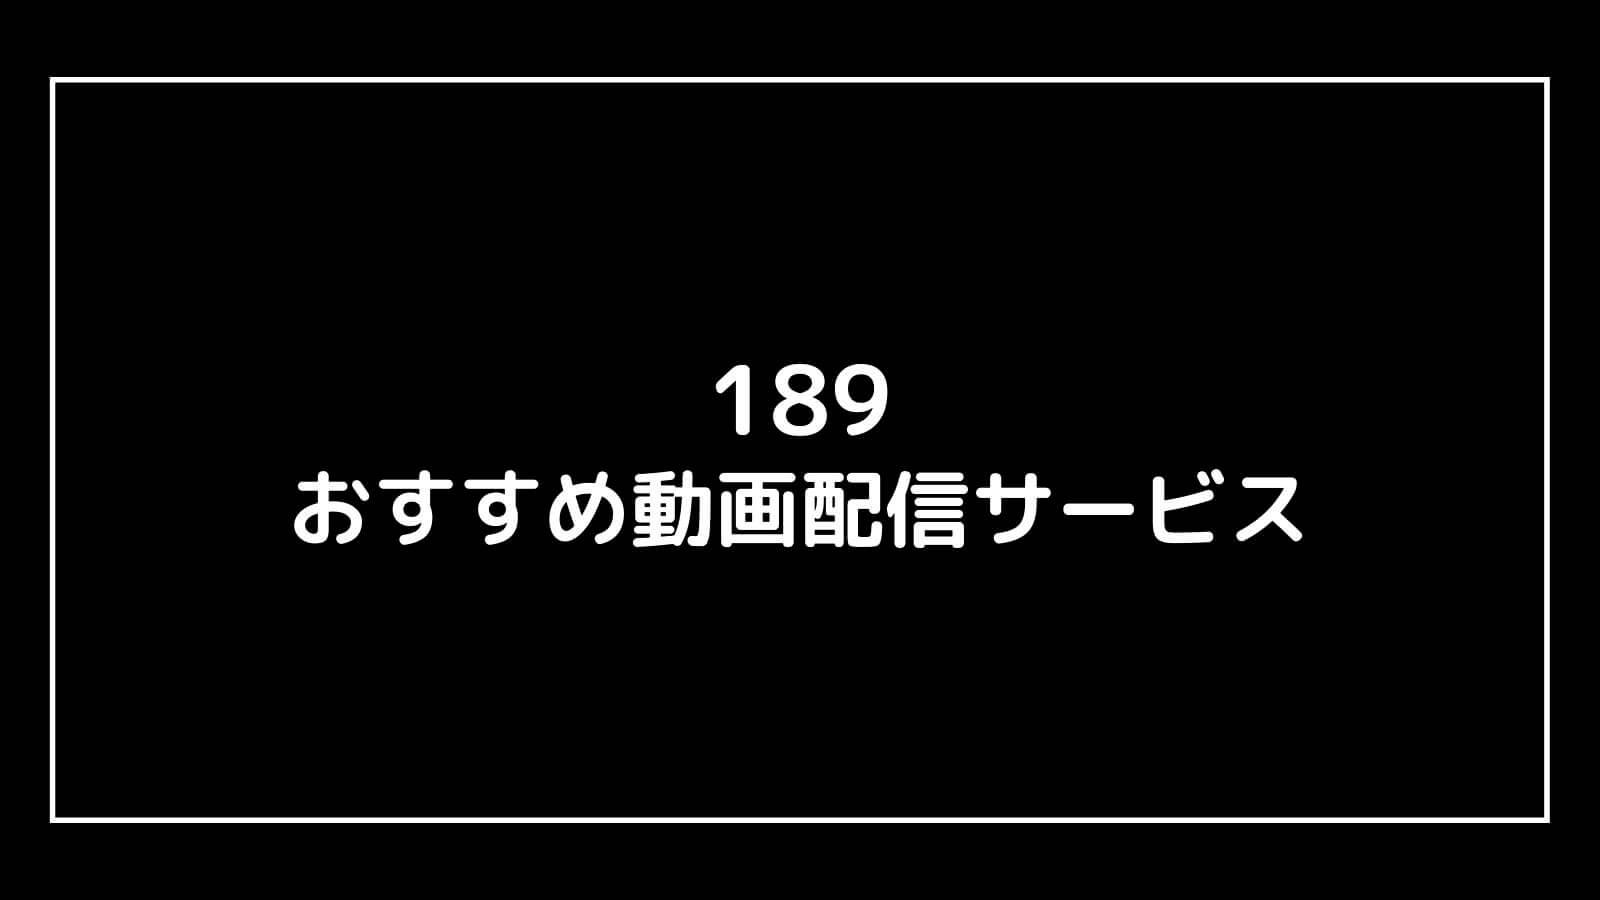 映画『189』の動画配信を無料視聴できるサブスク一覧